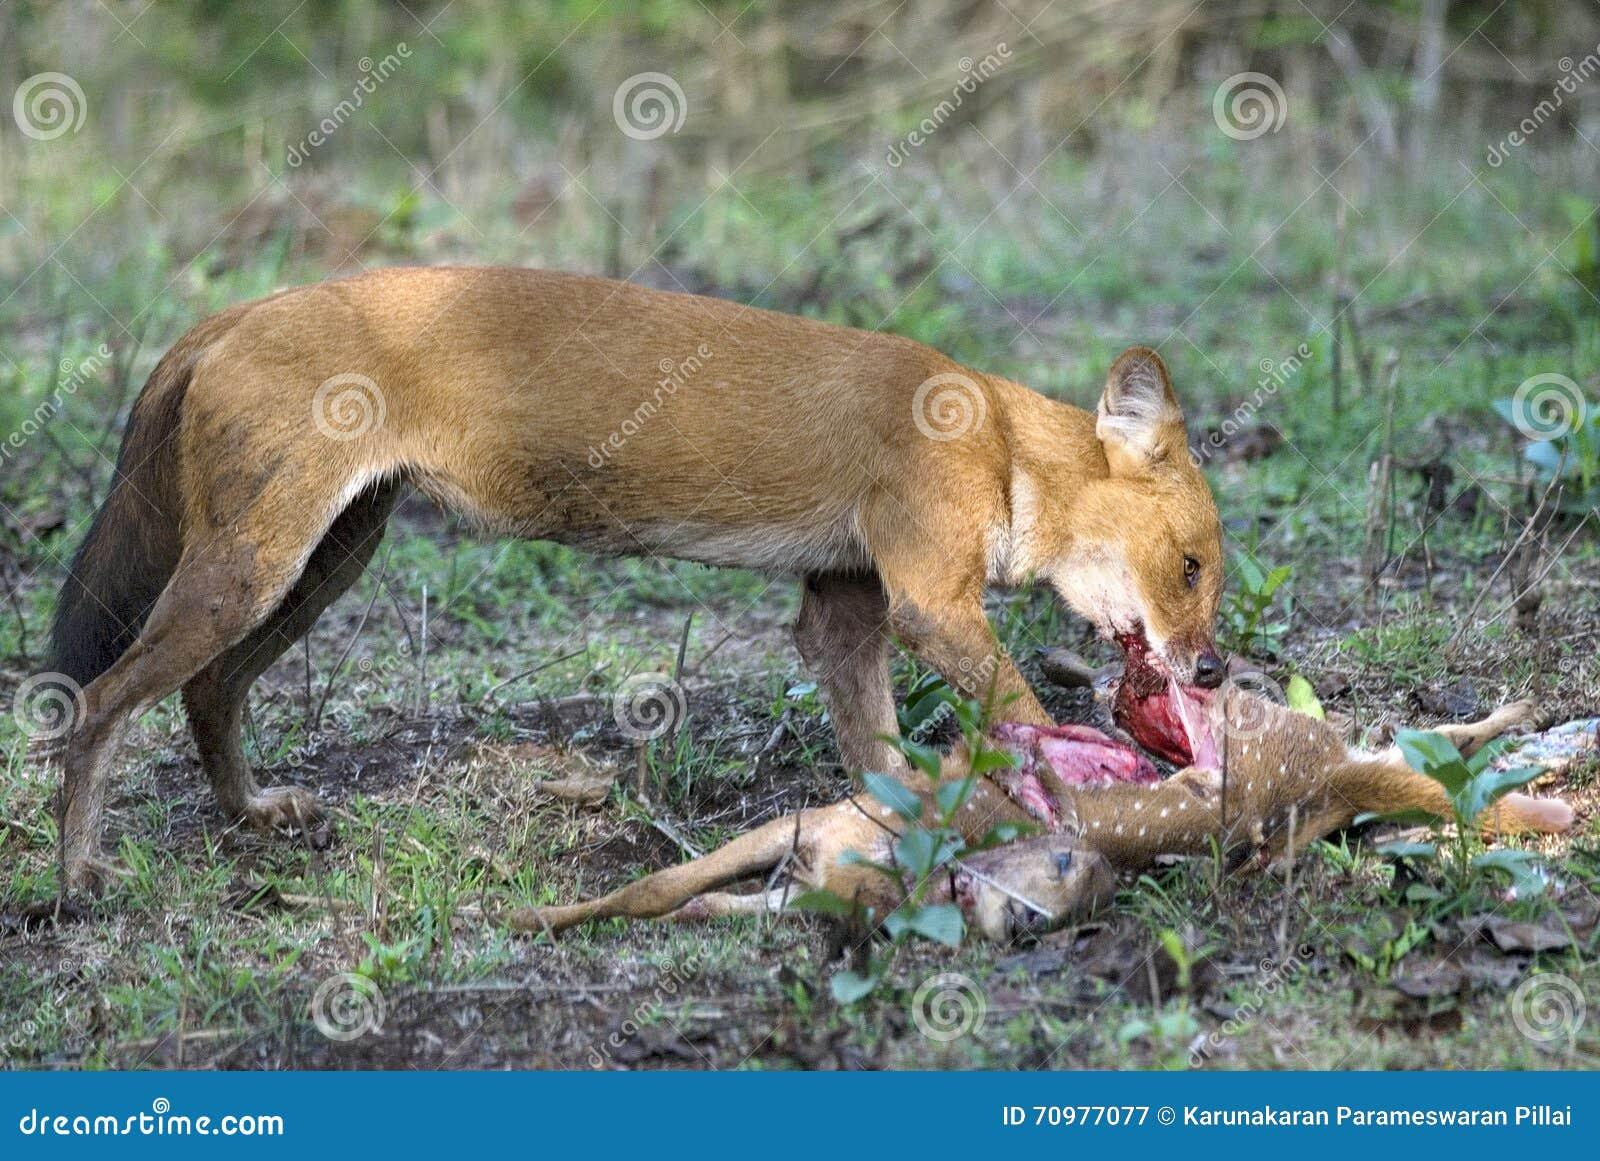 Wild dog feeding on hunted deer